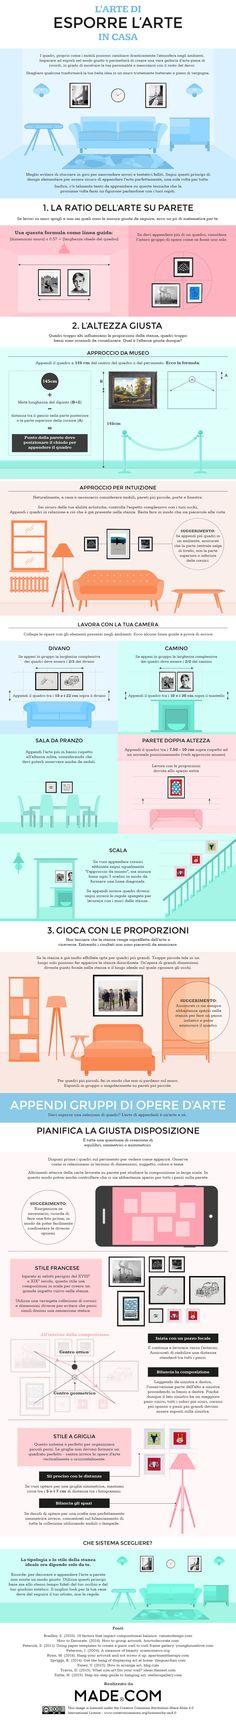 Infografica - L'arte di esporre l'arte in casa | MADE.COM